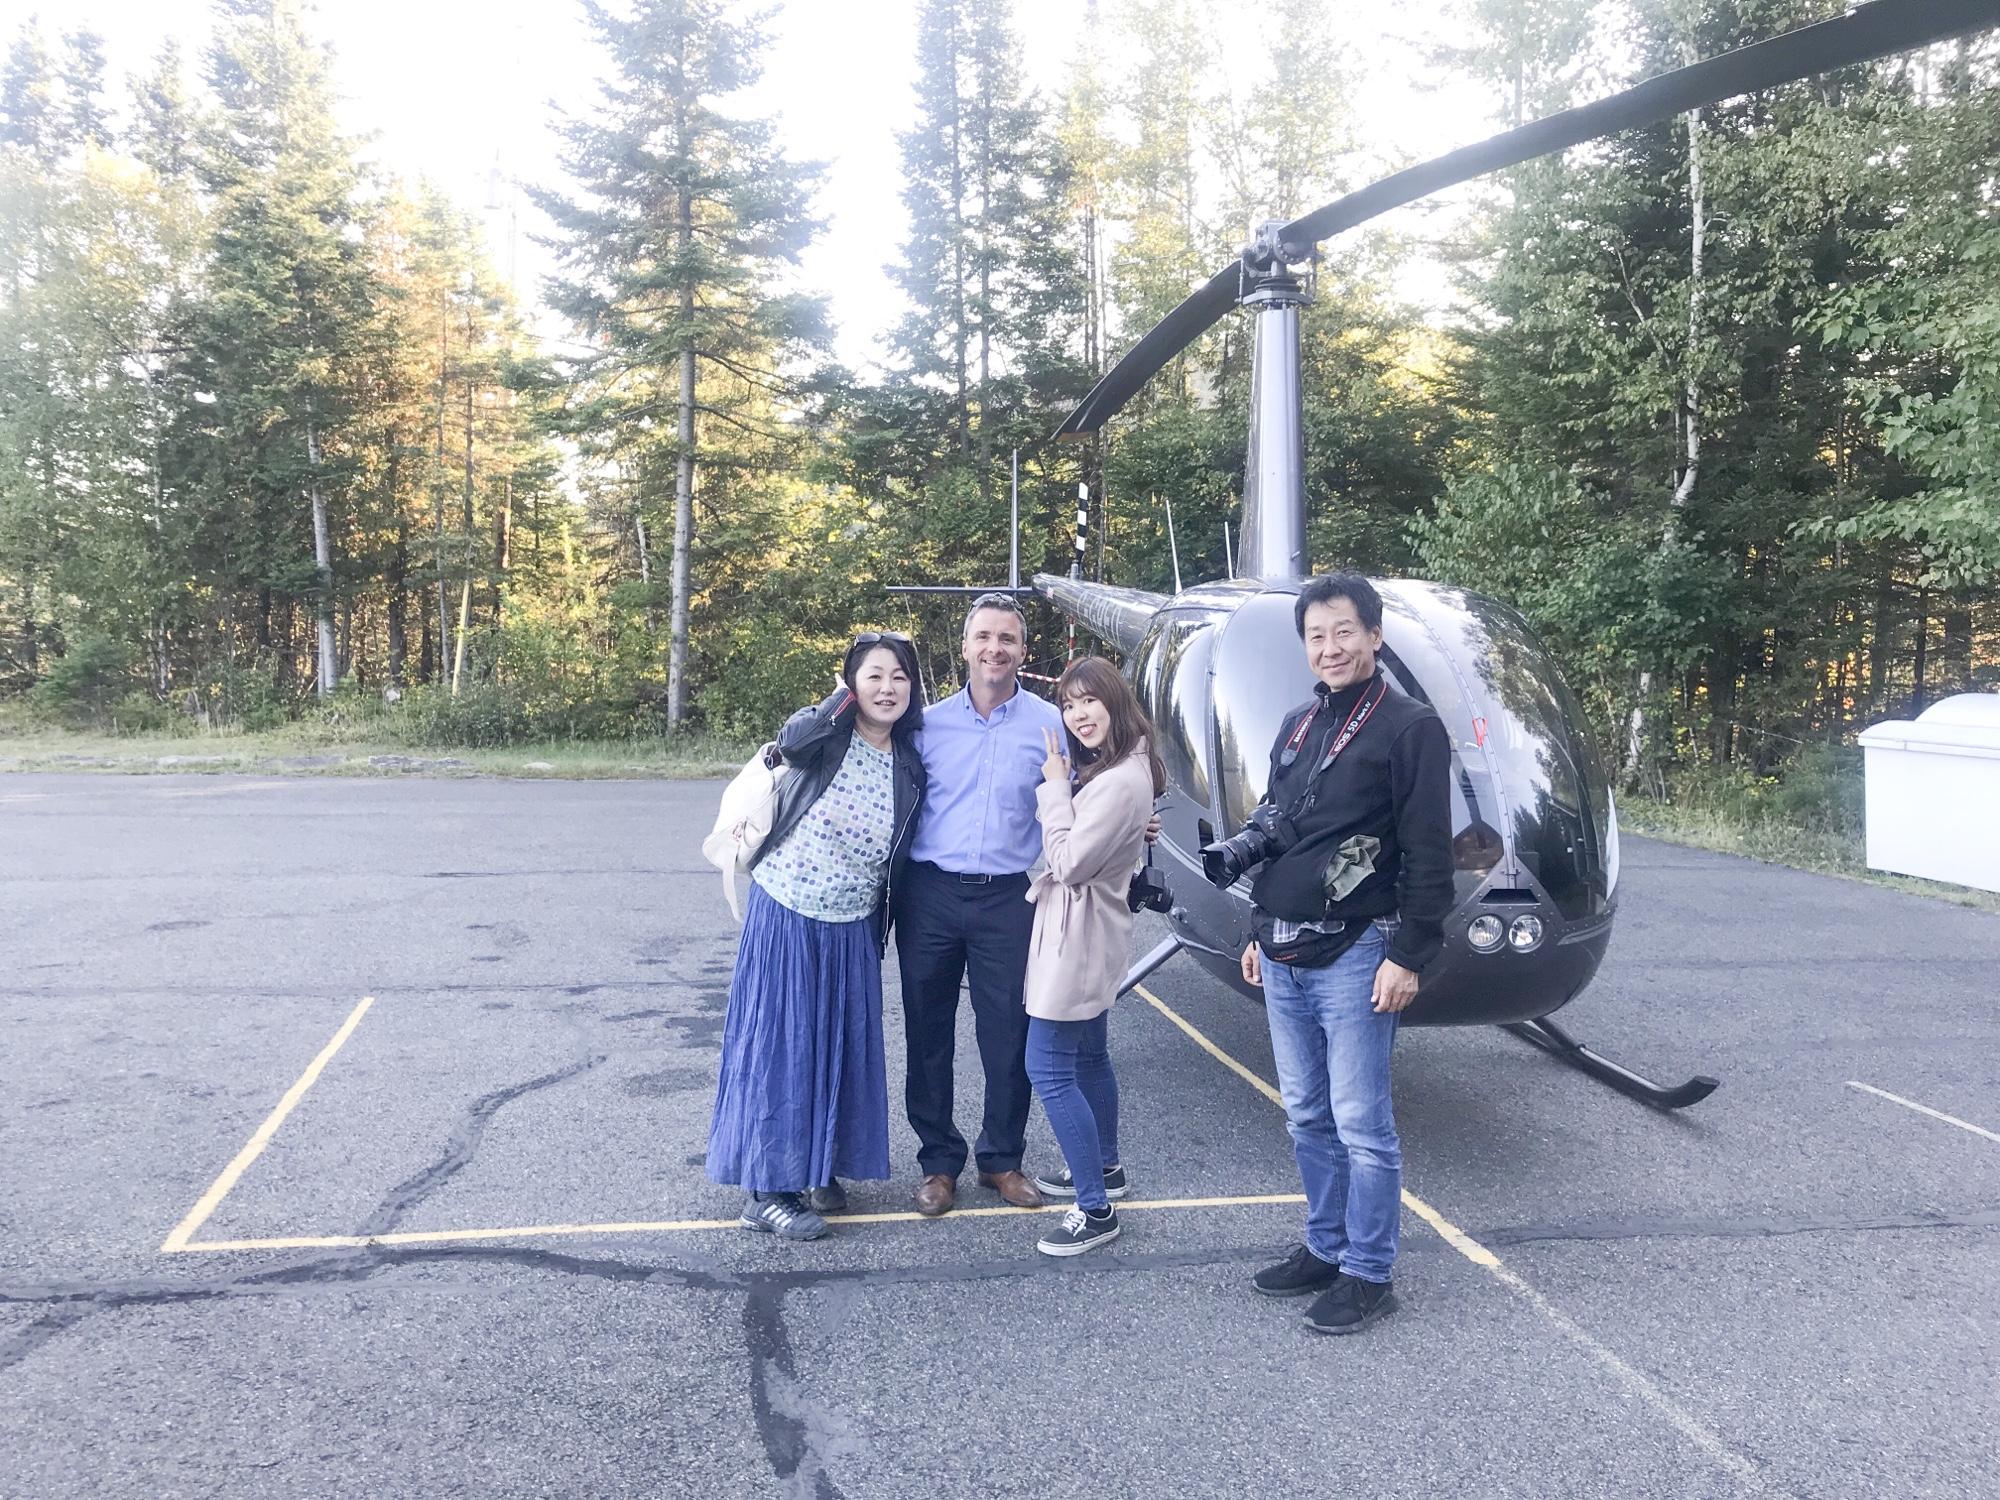 ローレンシャン紅葉 観光ヘリコプター